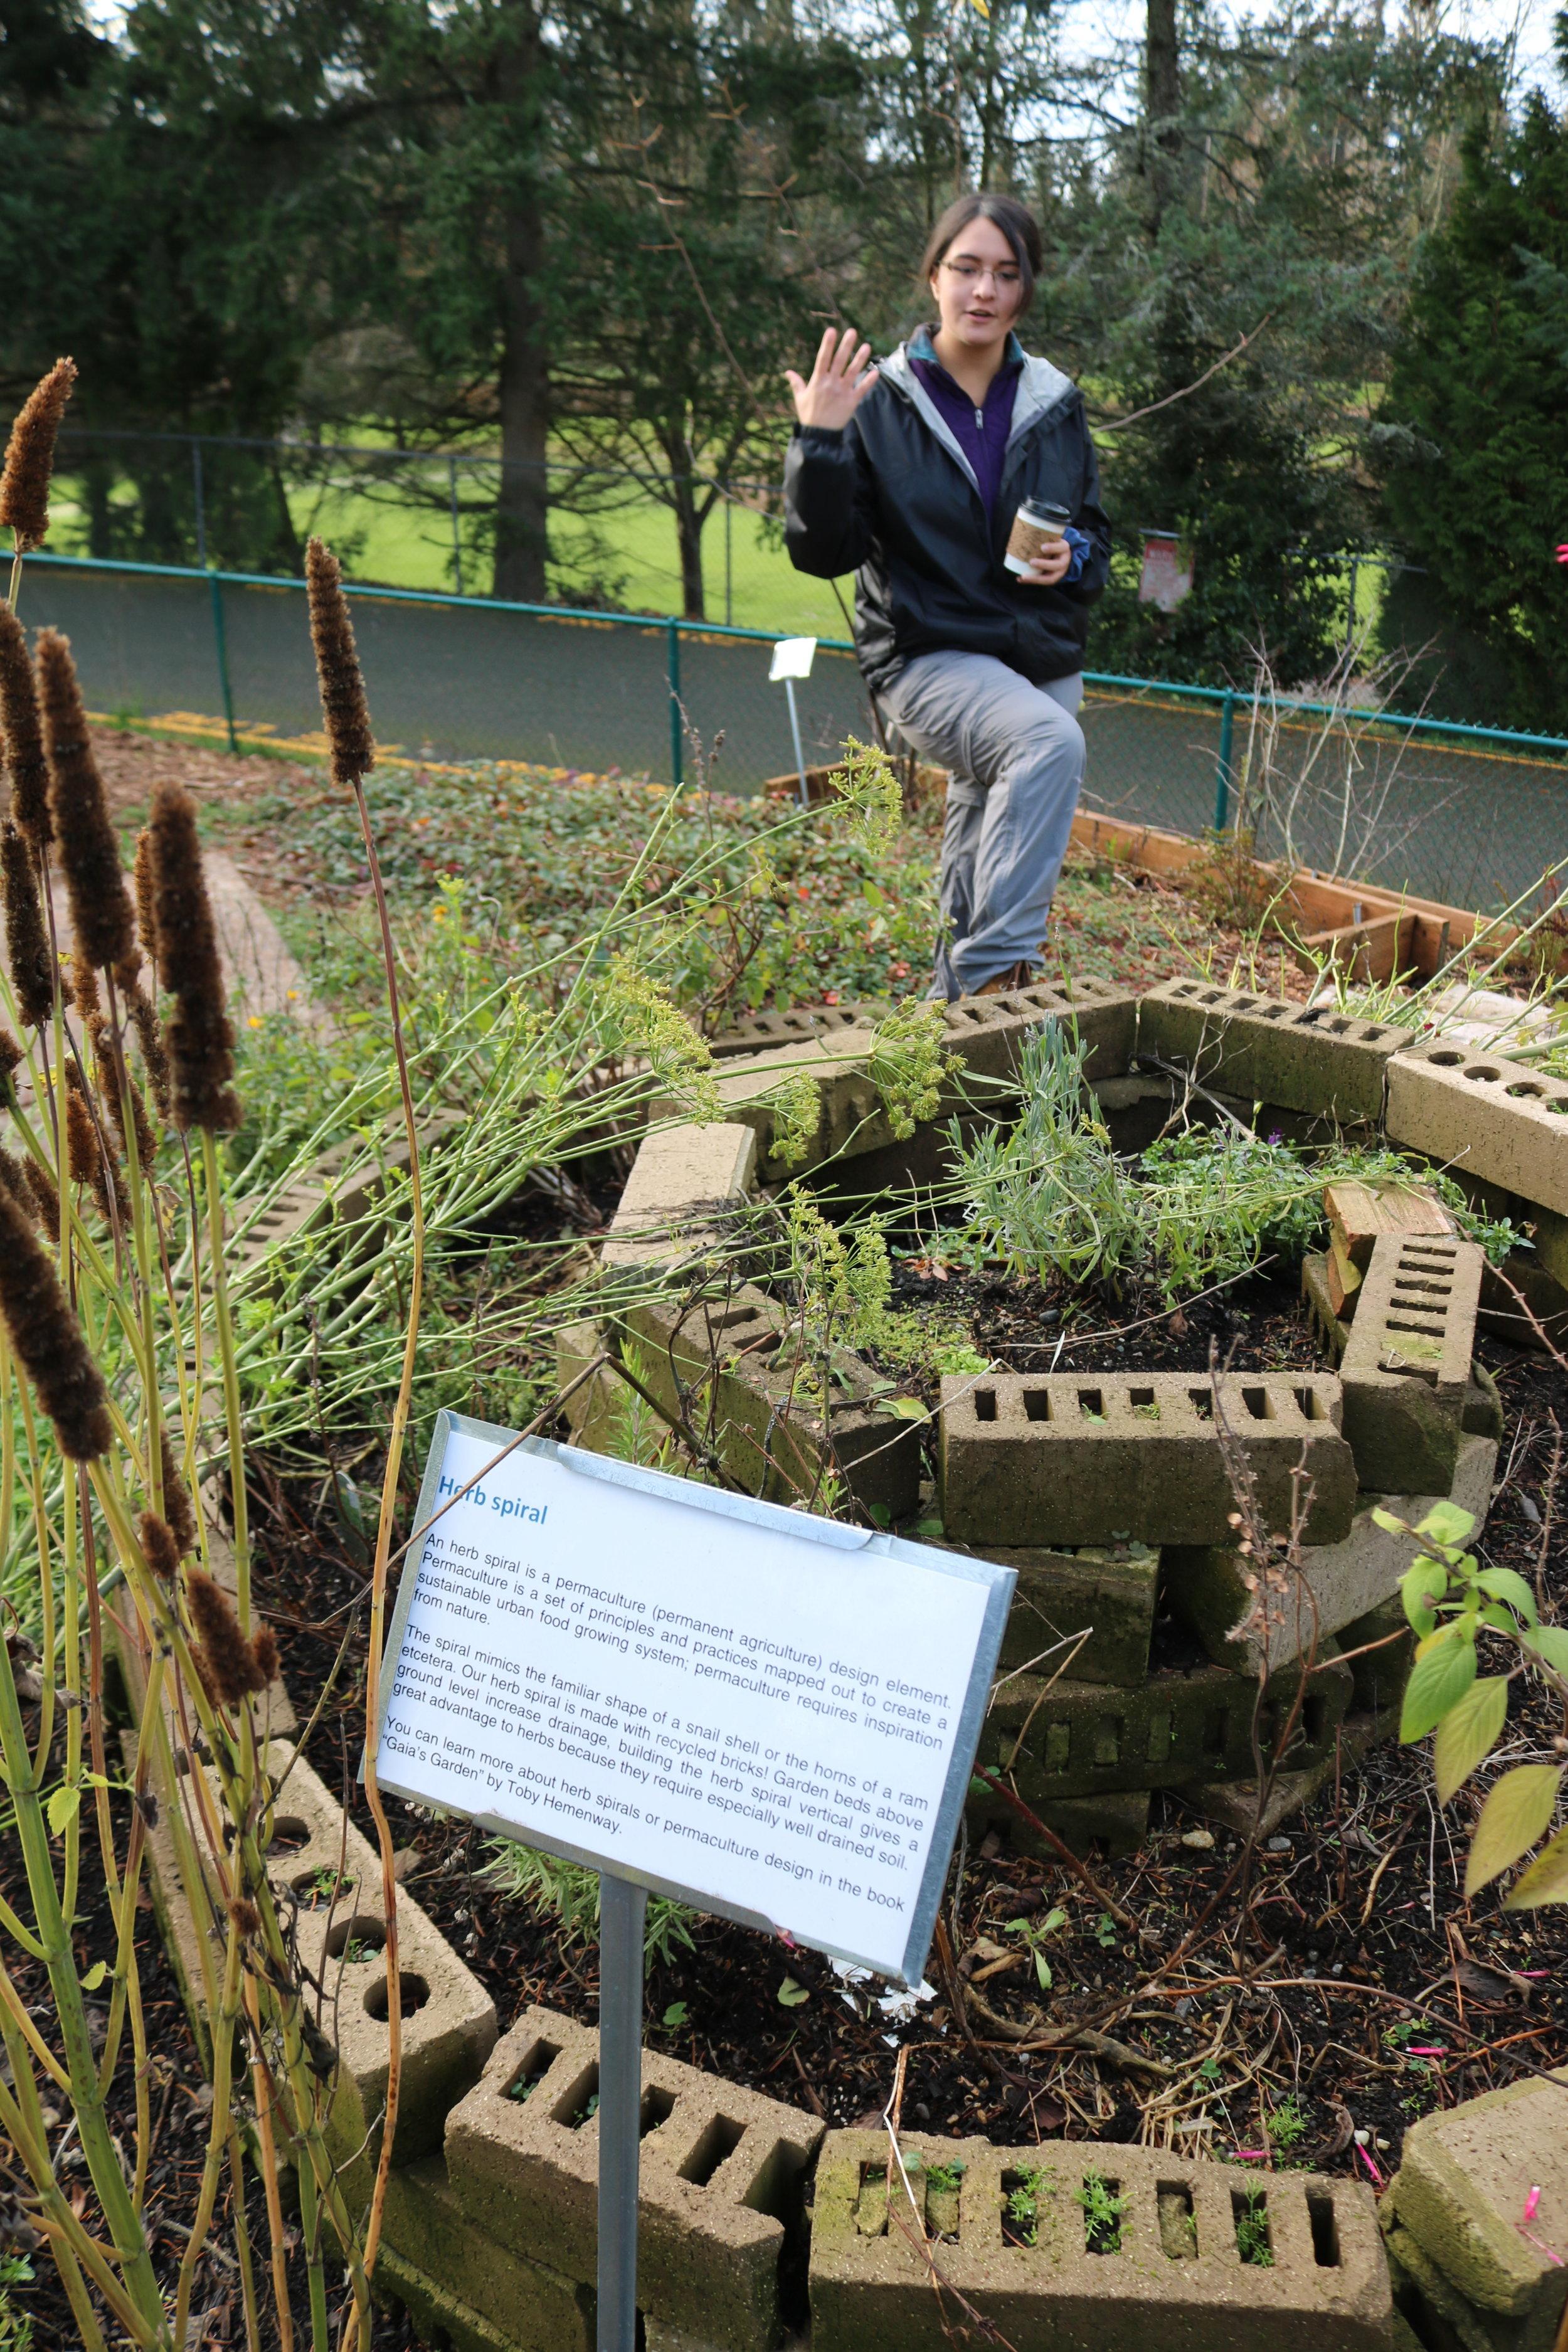 Lia andrews explaining the herb spiral (vertical garden)